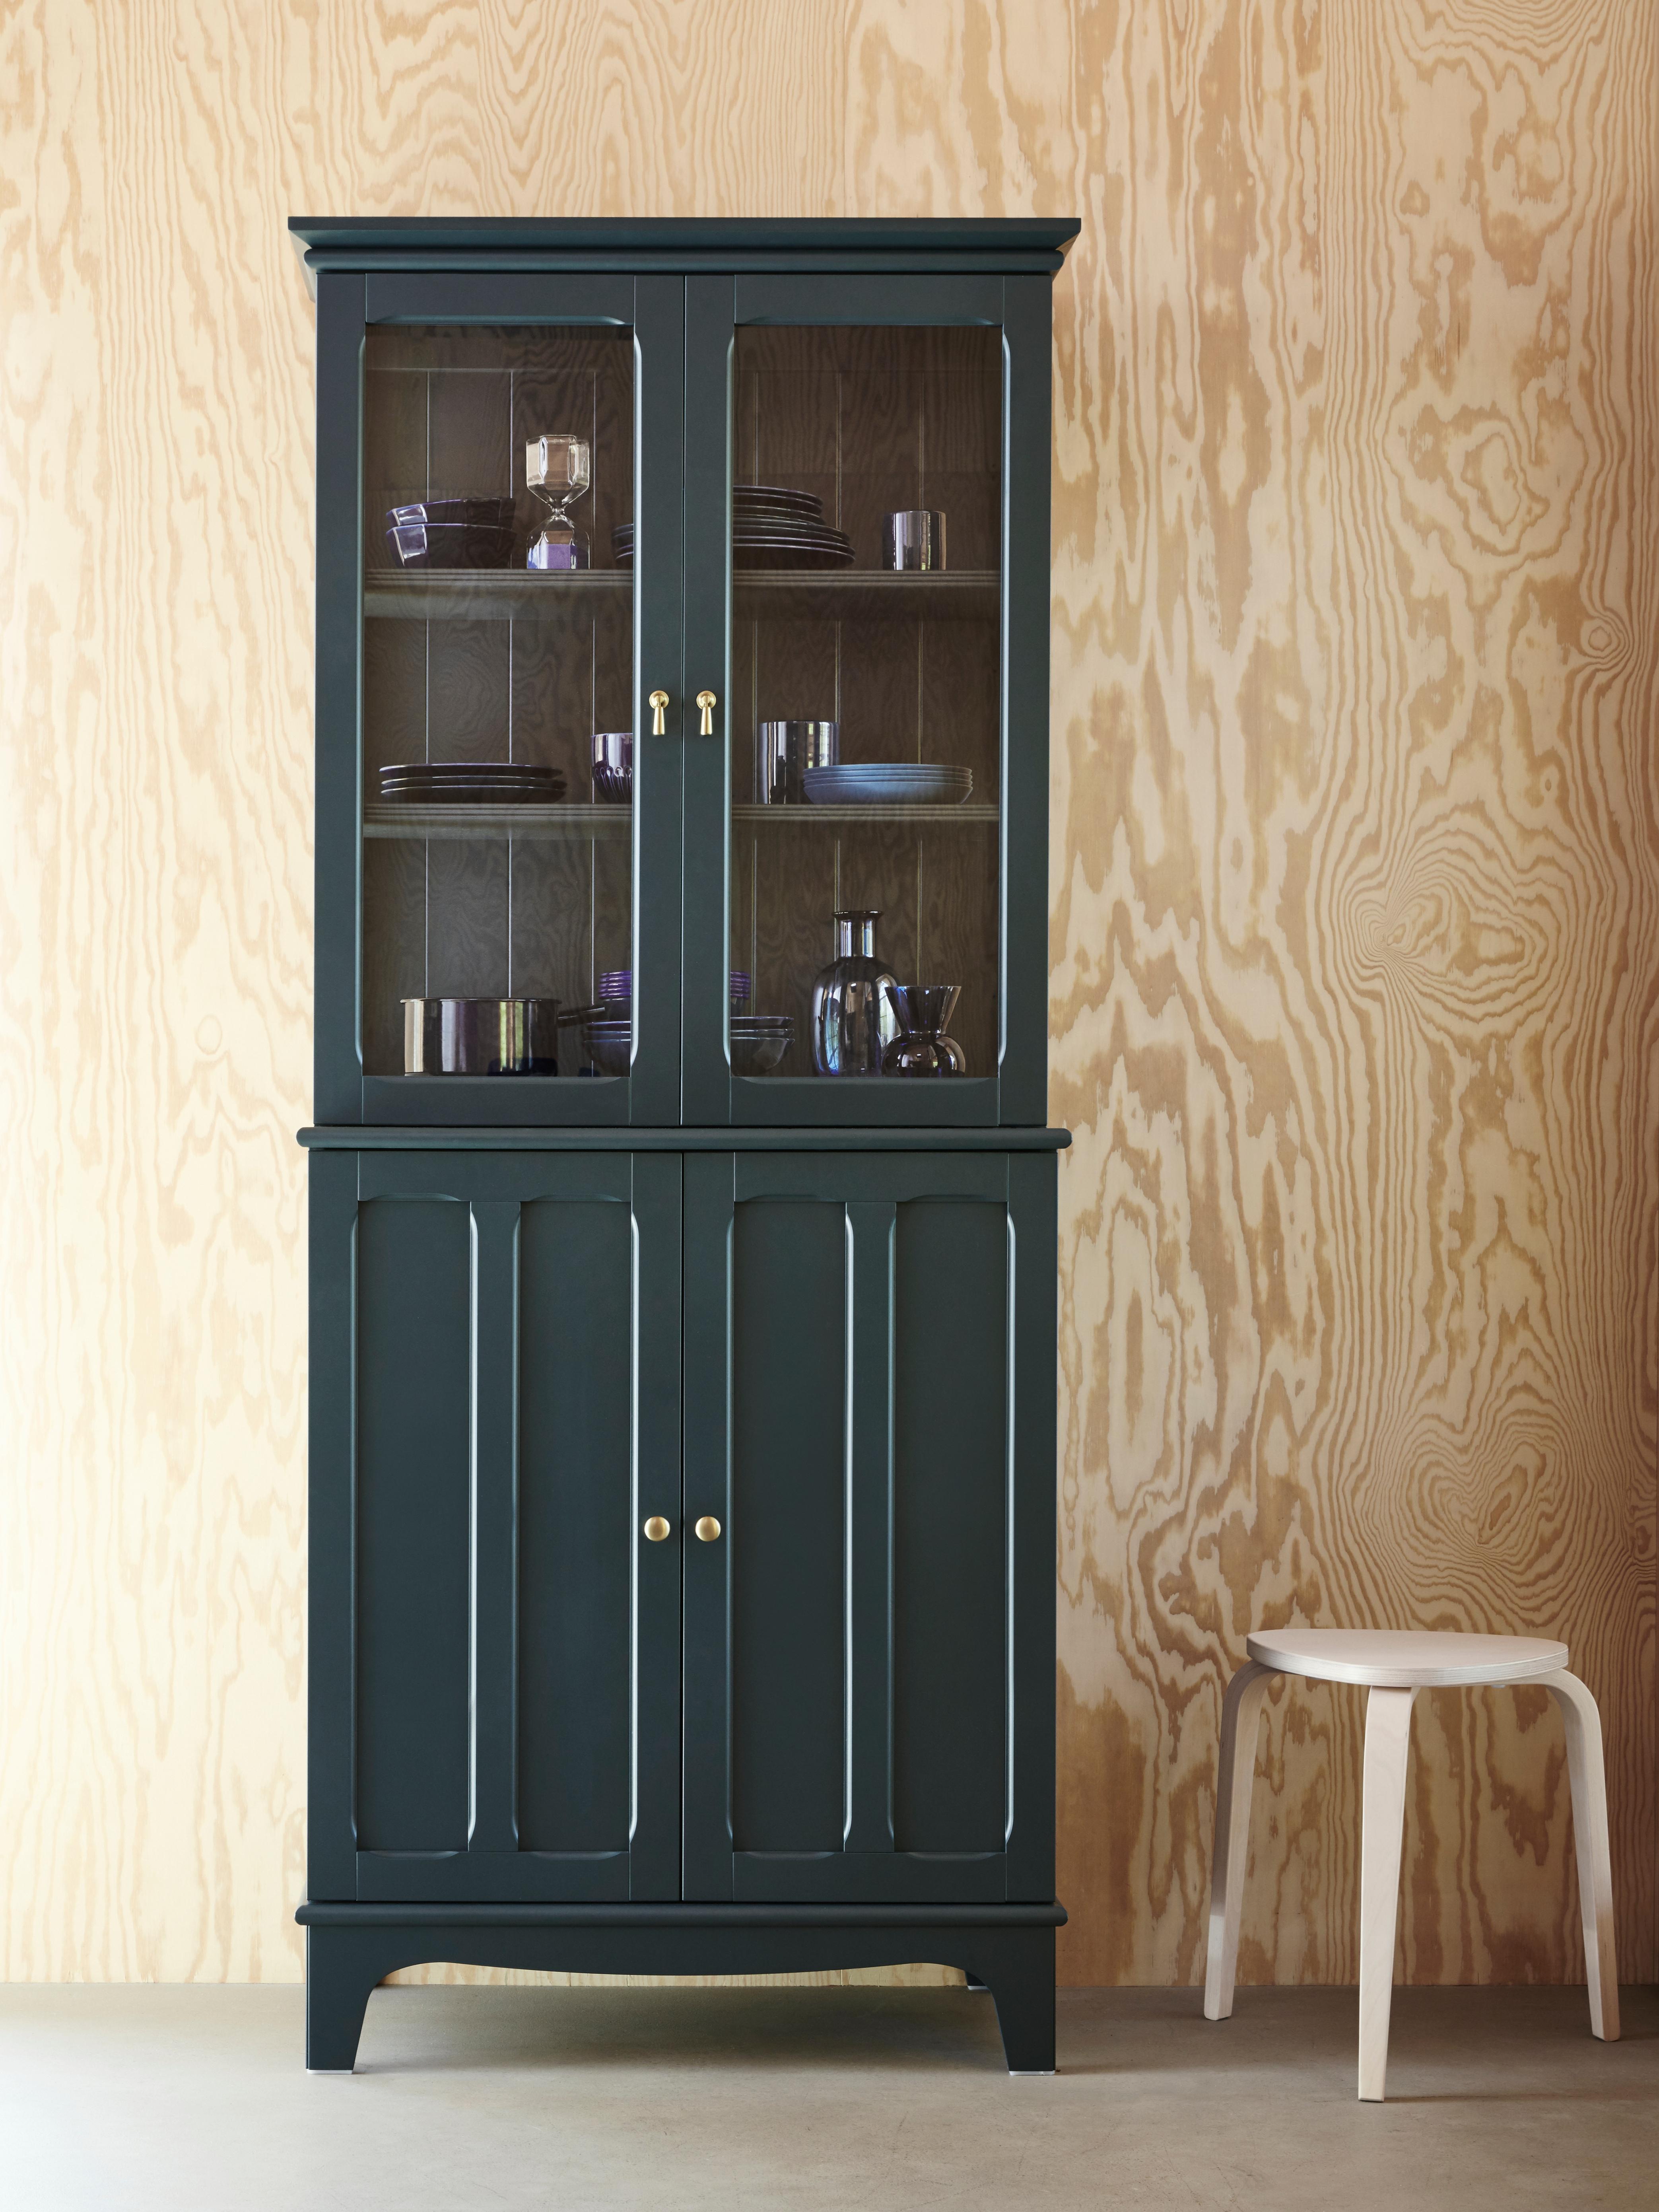 Ein mit Geschirr gefüllter LOMMARP Schrank mit Vitrinentüren in dunklem Blaugrün vor einer Sperrholzwand.